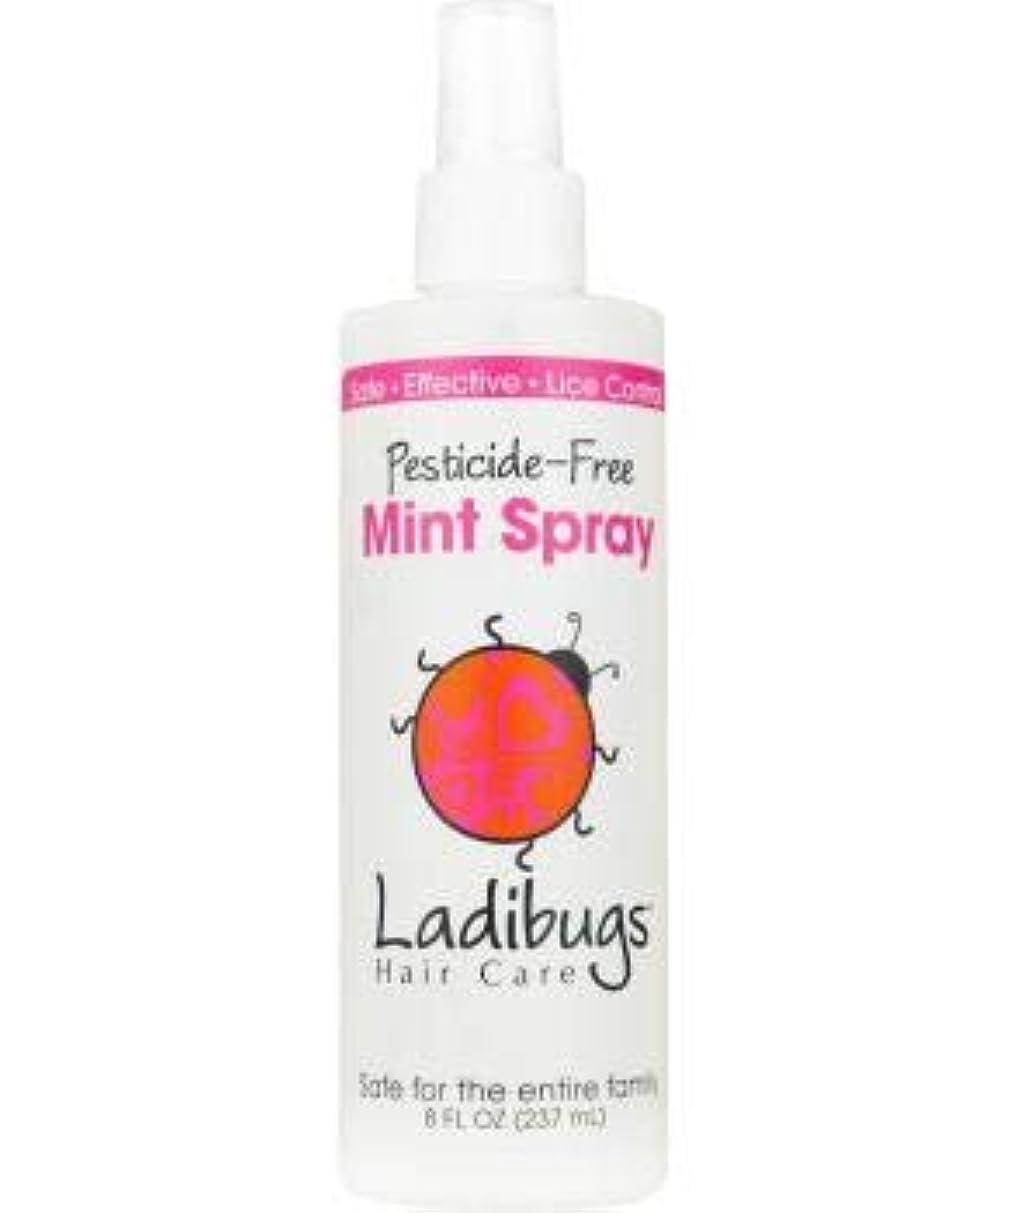 鷲困惑する医療のLadibugs スプレーミント8オンスでシラミ予防残します